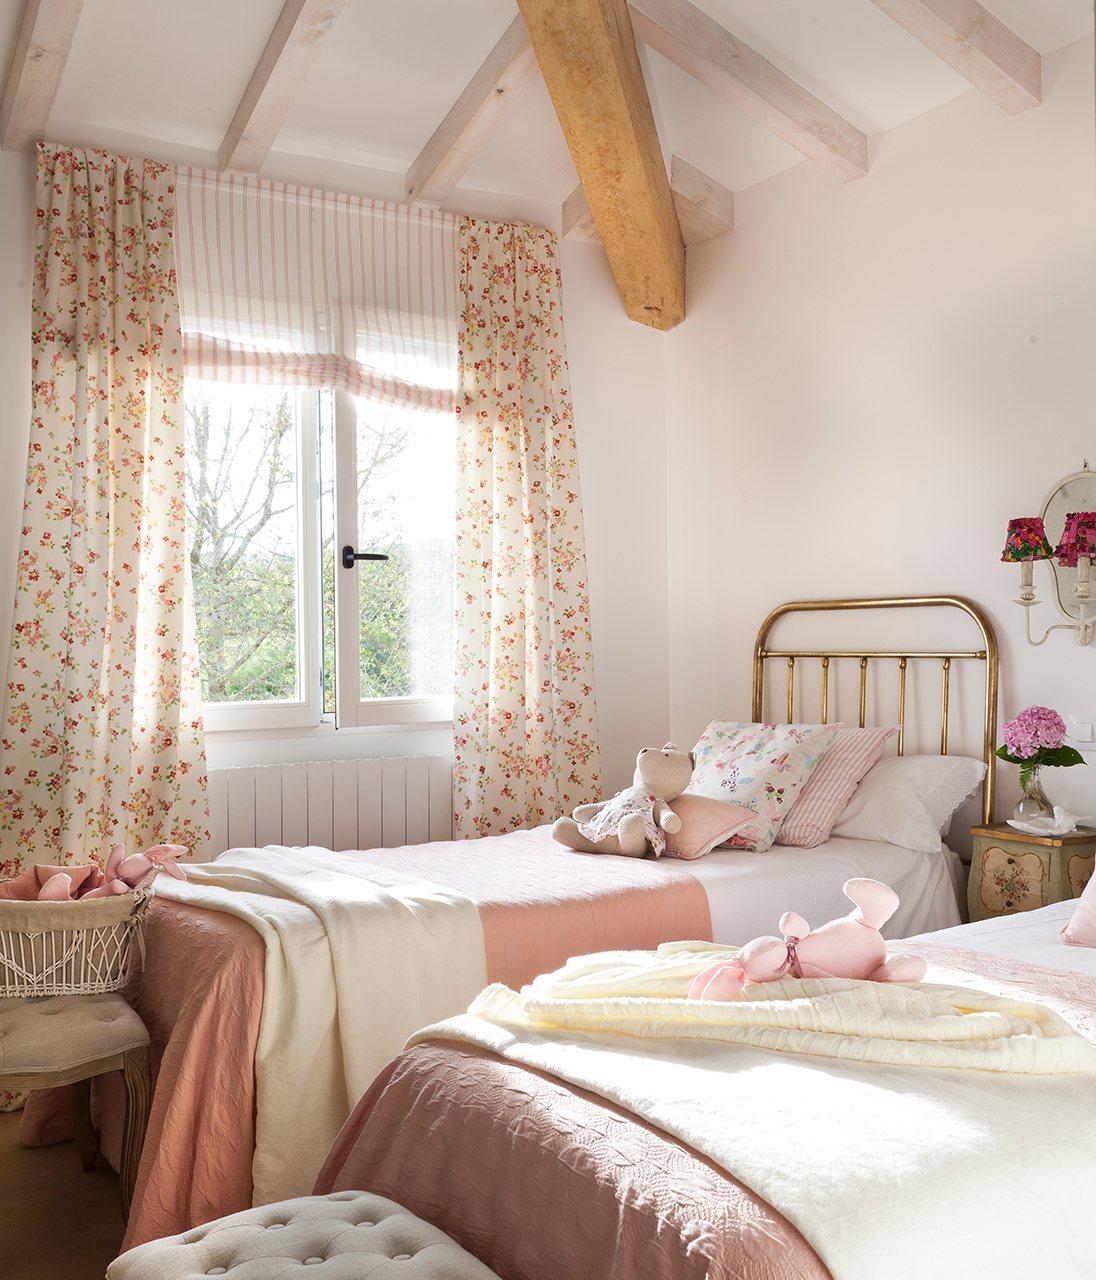 Cortinas habitacion infantil pared con estrellas vinilo - Cortinas dormitorio infantil ...